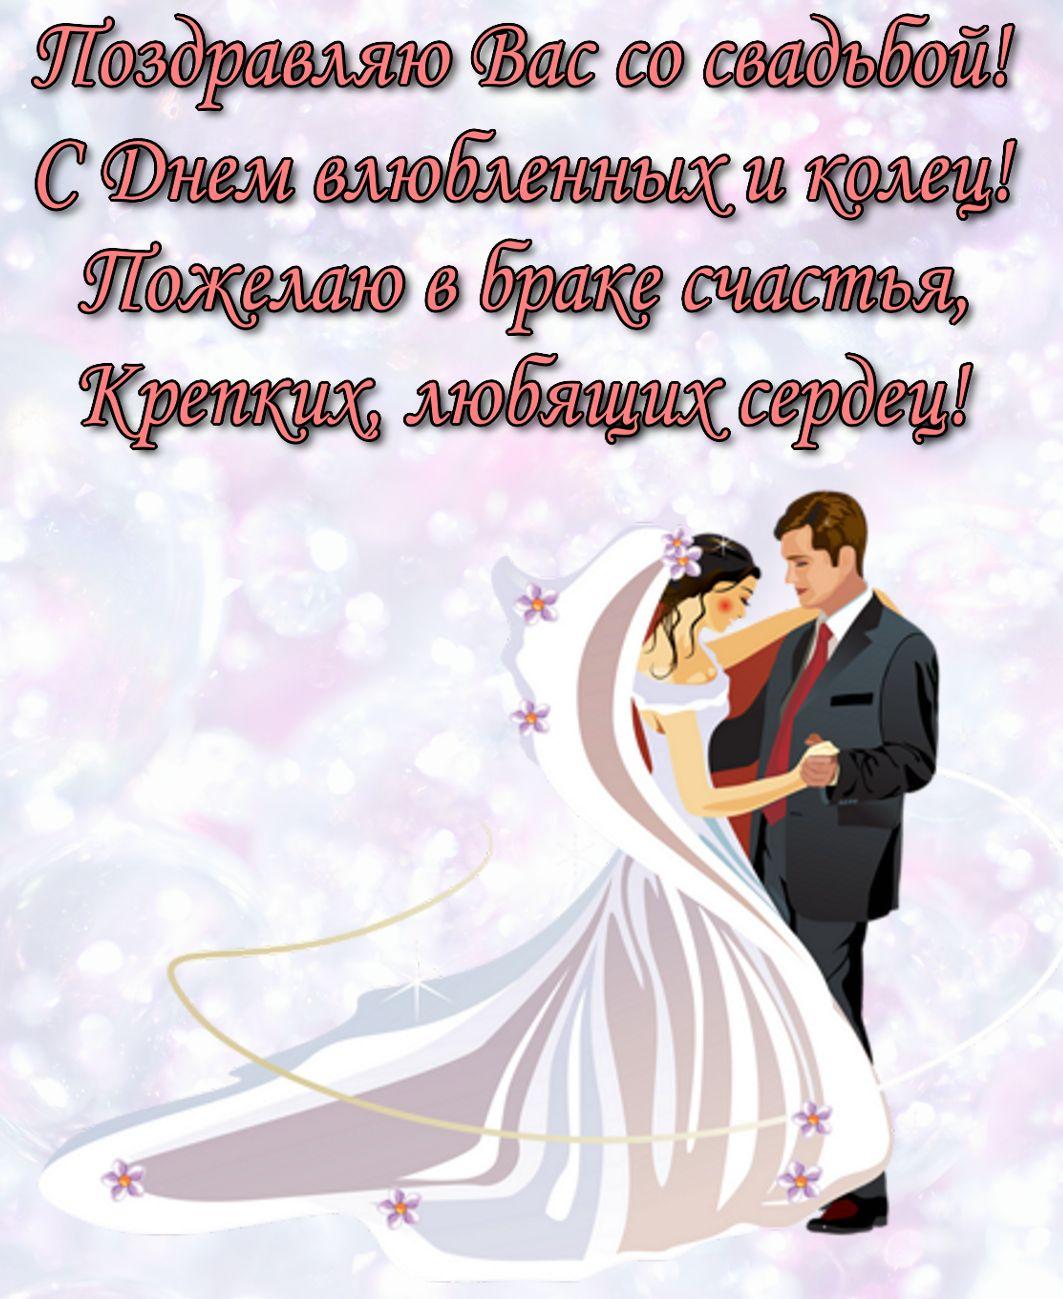 открытка - танцующая пара и поздравление со свадьбой